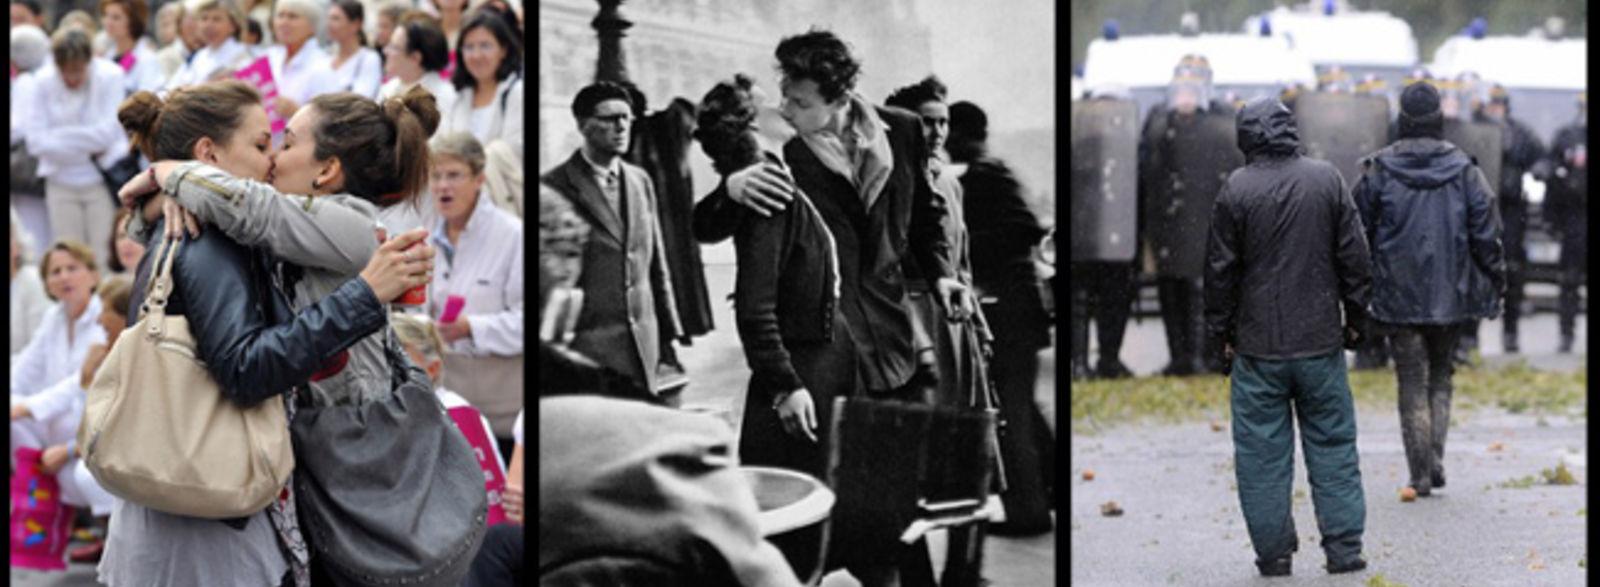 «Le baiser de Marseille»: pourquoi tant de buzz?